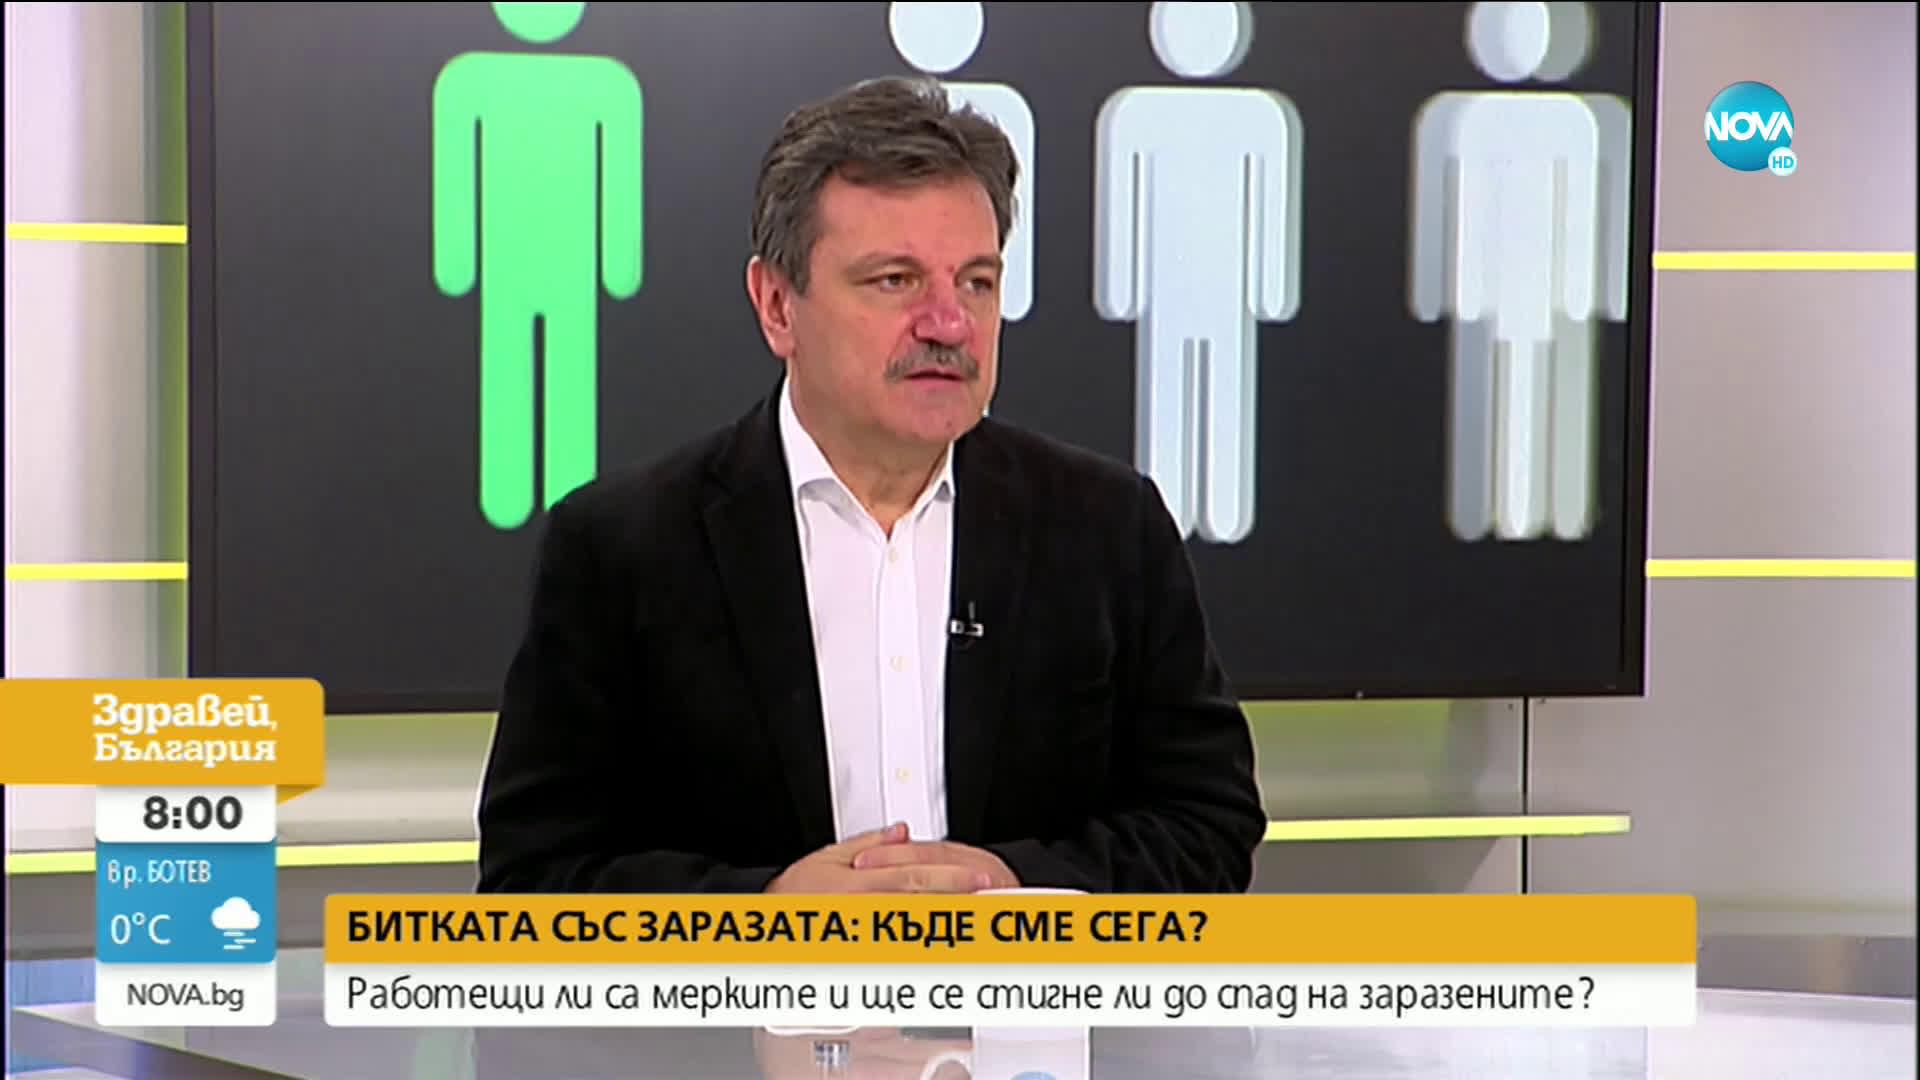 Д-р Симидчиев: Антигенните тестове могат да ни помогнат за по-доброто управление на пандемията